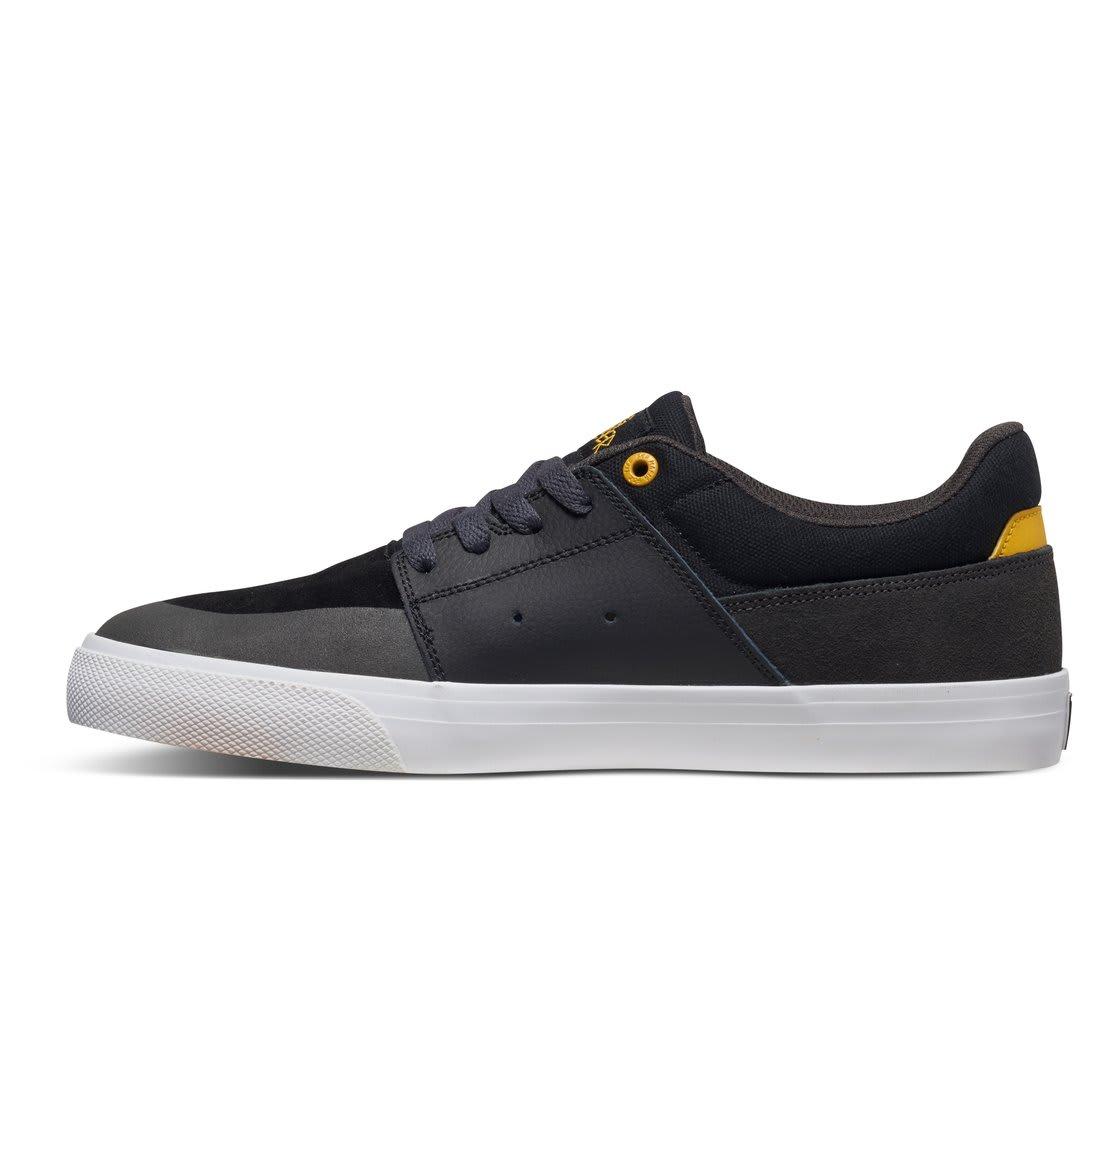 Dc Wes Kremer Skate Shoes